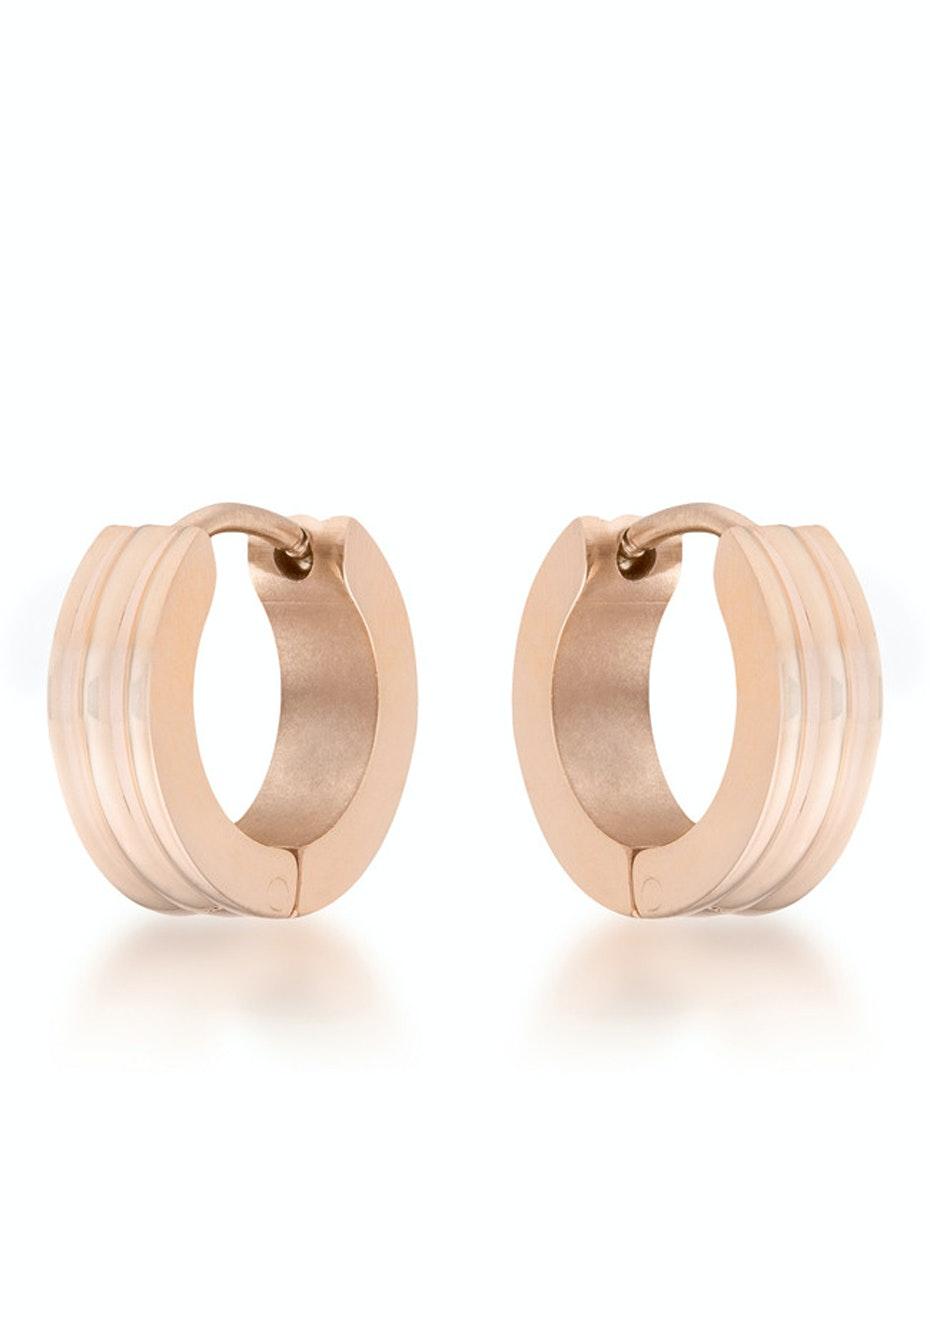 Stainless Steel Hoop Earrings - Rose Gold